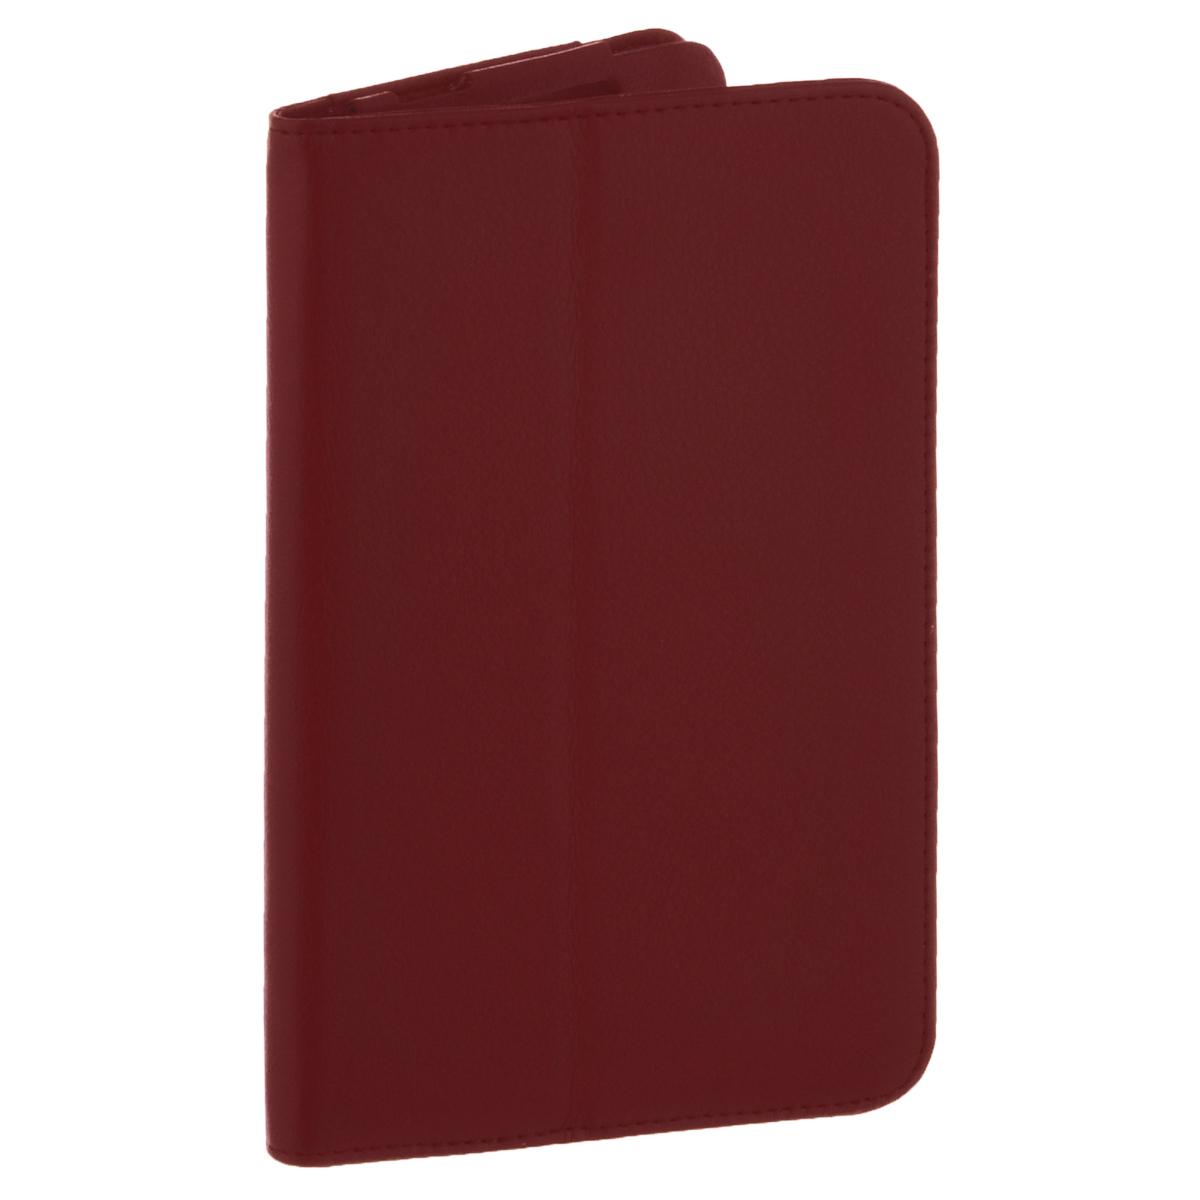 IT Baggage чехол для планшета Lenovo Idea Tab 2 7 A7-30, RedITLNA7302-3IT Baggage для Lenovo Idea Tab 2 7 A7-30 - удобный и надежный чехол, который надежно защищает ваше устройство от внешних воздействий, грязи, пыли, брызг. Данный чехол поможет при ударах и падениях, смягчая их, и не позволяя образовываться на корпусе царапинам, потертостям. Кроме того, он будет незаменим при длительной транспортировке устройства. Обеспечивает свободный доступ ко всем разъемам и клавишам планшета.